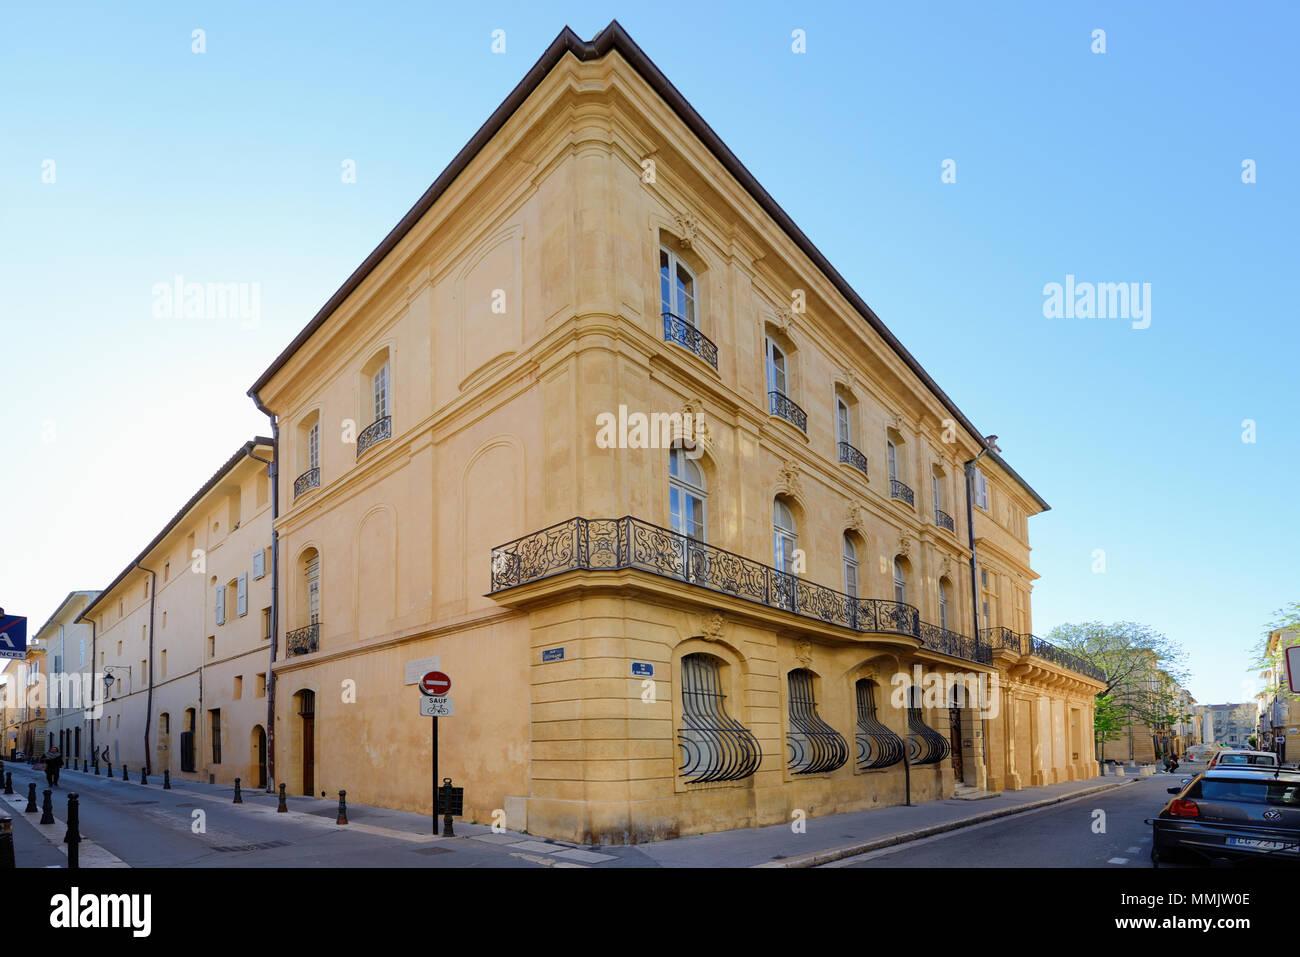 Hôtel Villeneuve d'Ansouis (c18th) Townhouse, Mansion or Hôtel Particulier in the Mazarin District Aix-en-Provence Provence France - Stock Image